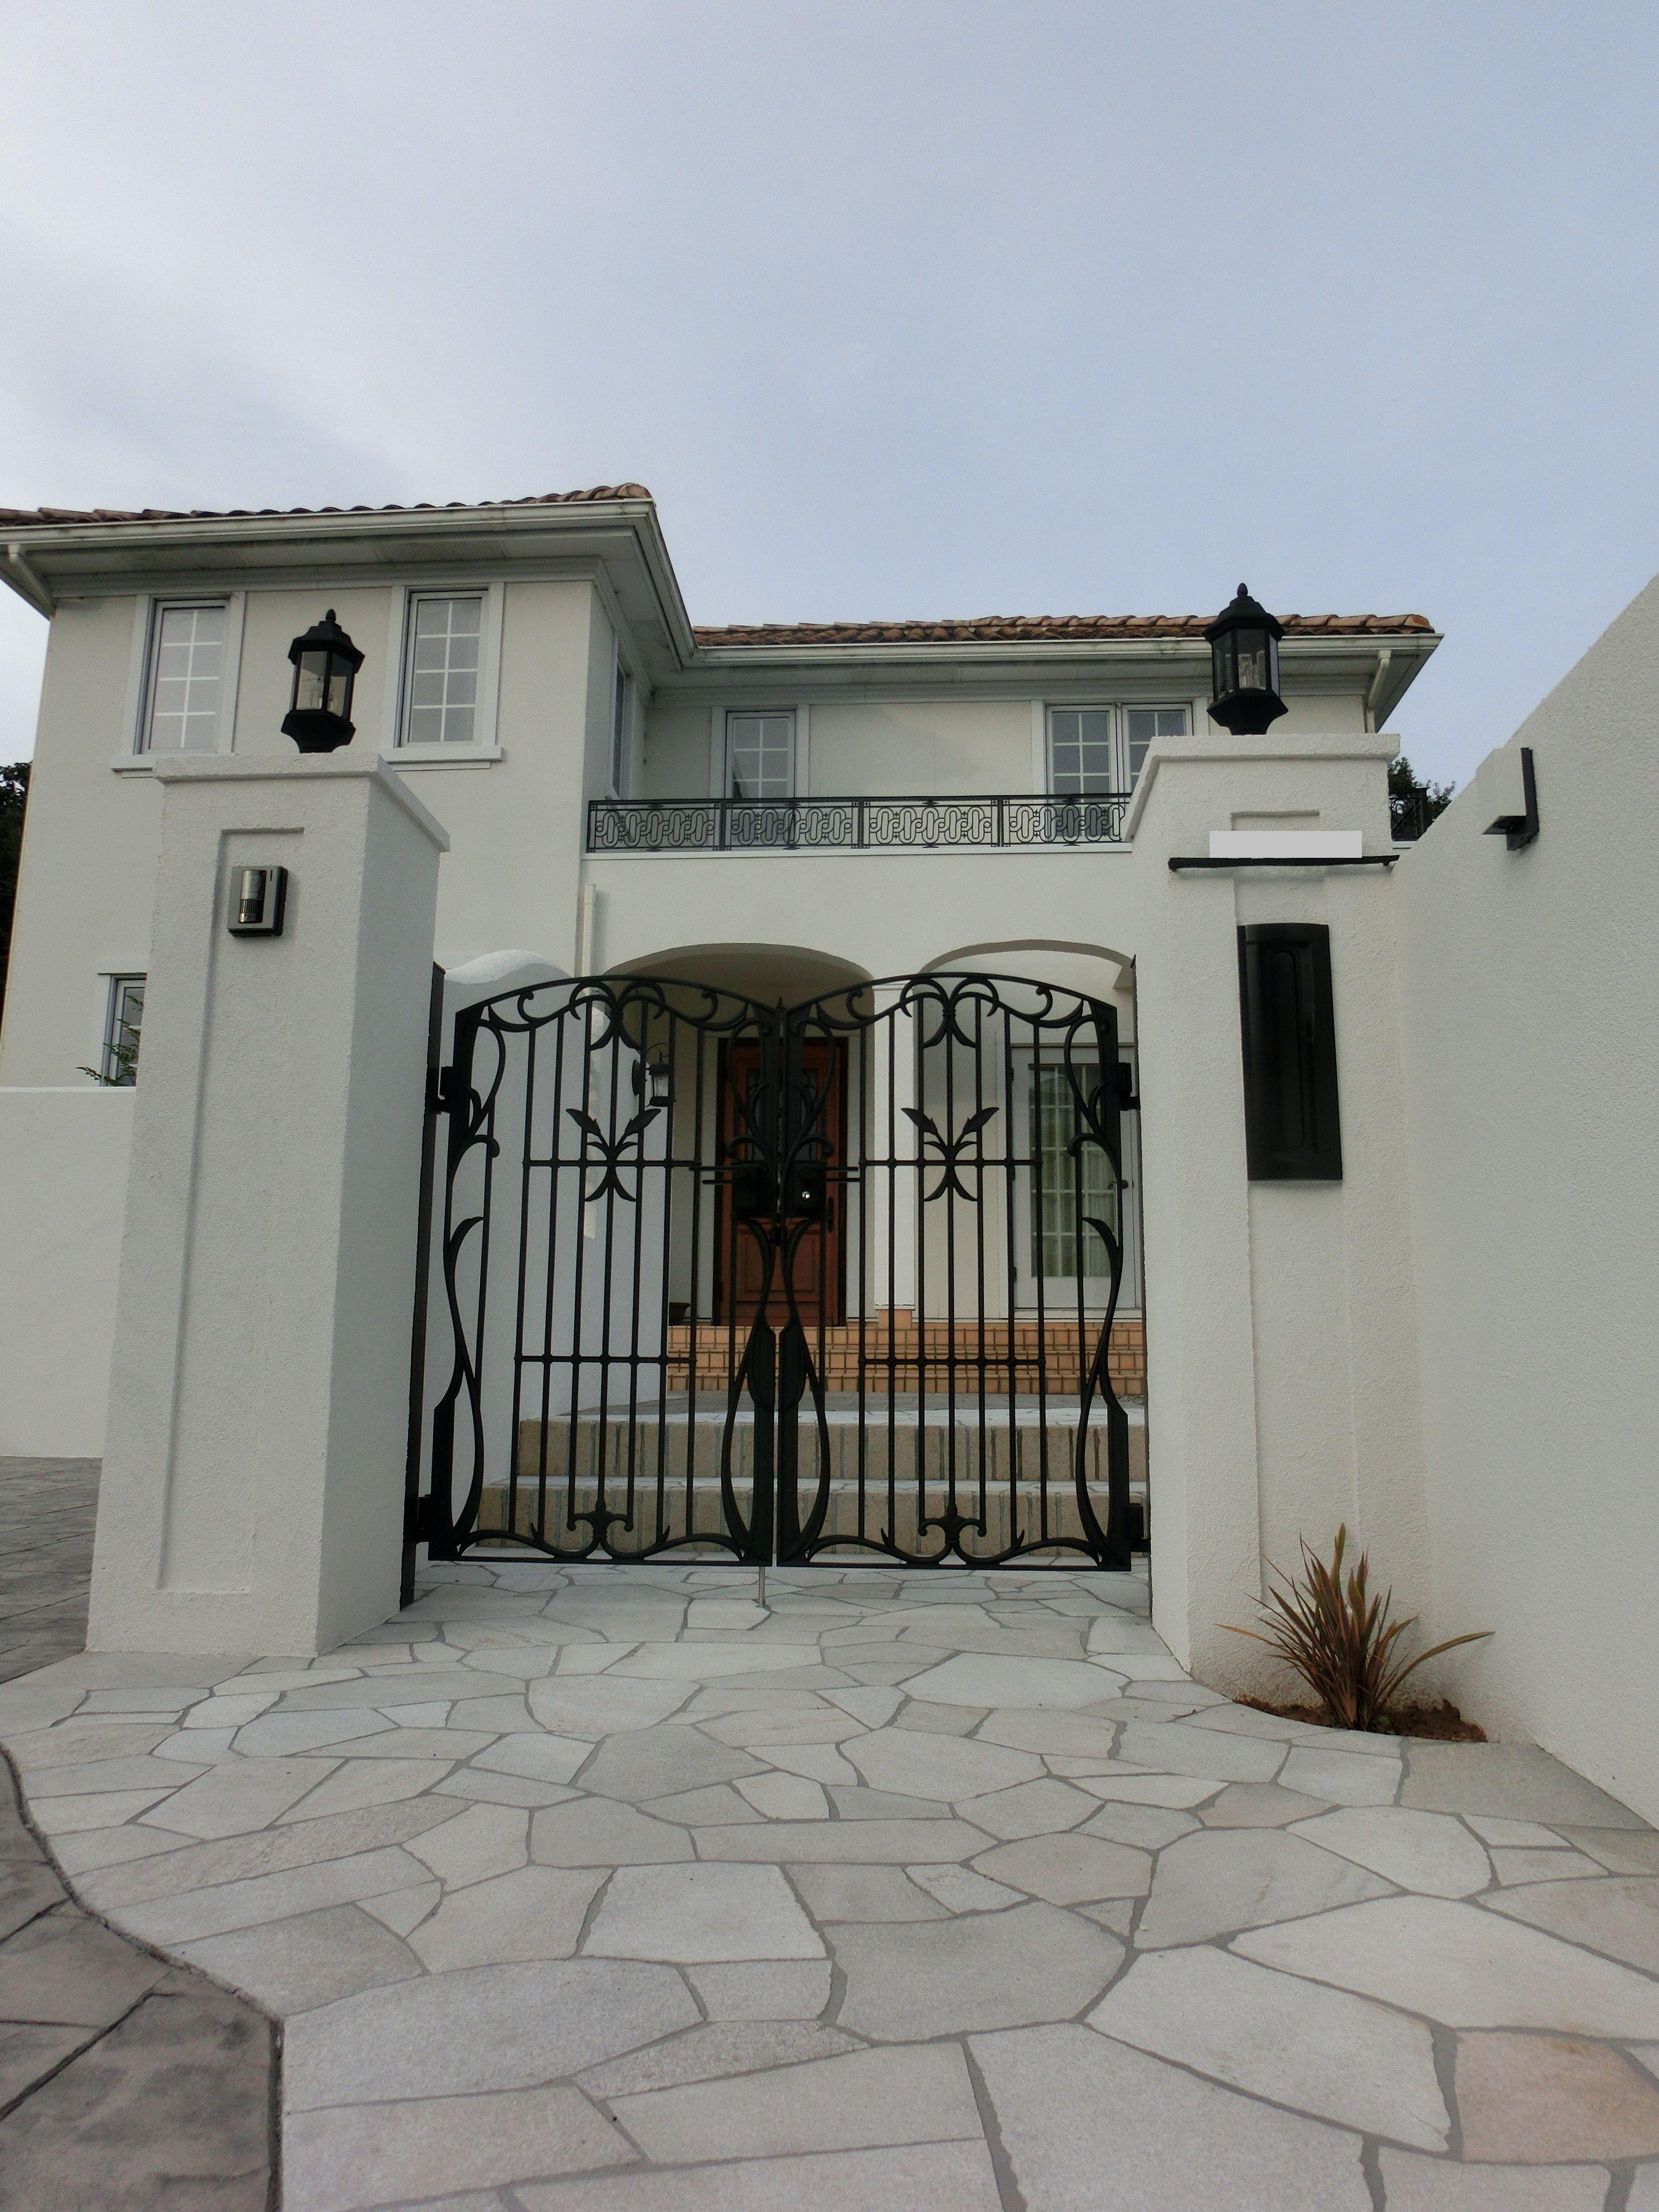 白いリゾート風の家にプロヴァンス風デザインの門柱に鋳物門扉 U様邸 UXのあるエクステリア 三重県津市 建築家:浜田強